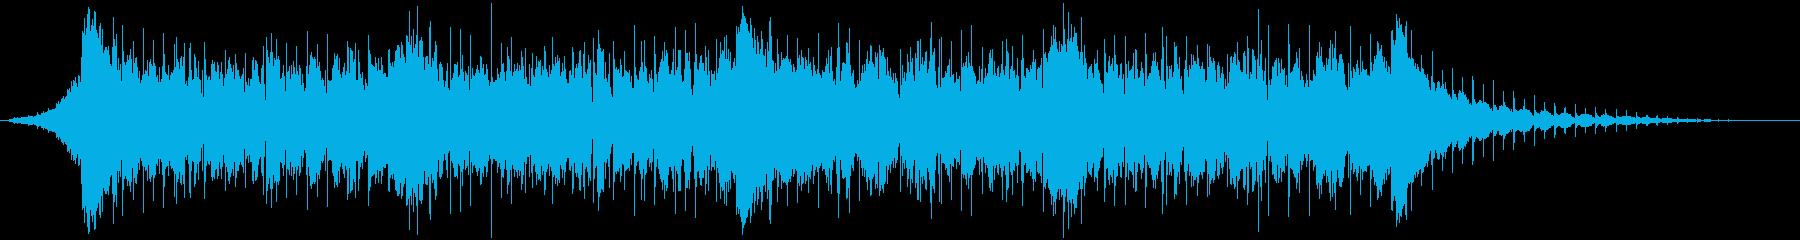 プログレッシブ 交響曲 緊張感 暗...の再生済みの波形